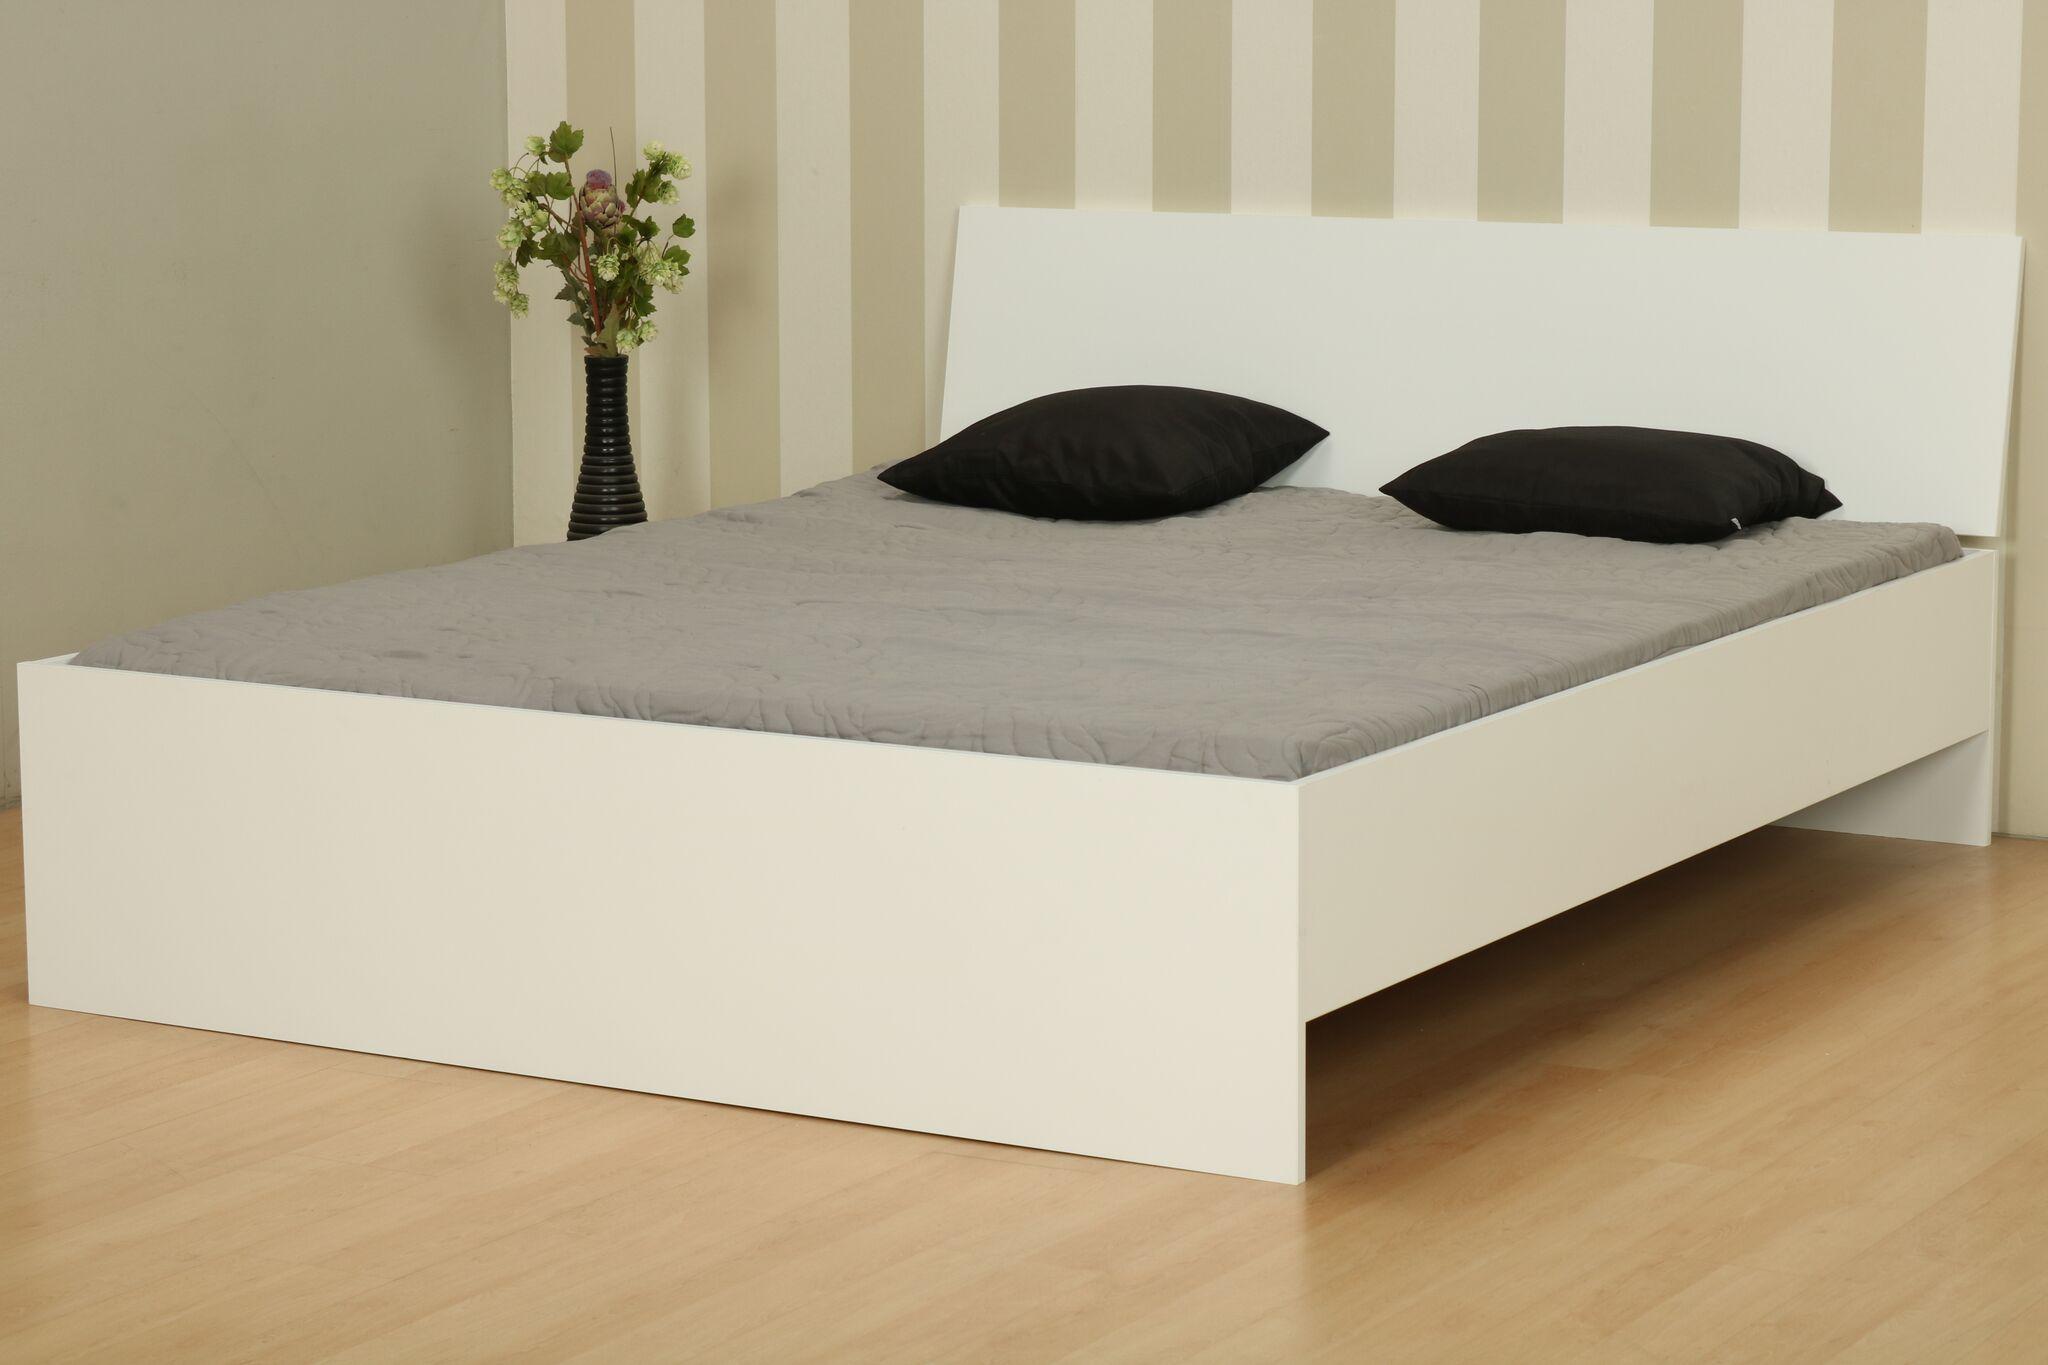 Full Size of 160x200 Bett Doppelbett Cm Ehebett Holz Bettgestell Bettrahmen 120x200 Mit Bettkasten 120 X 200 Schubladen 180x200 Betten Weiß Für übergewichtige Matratze Bett 160x200 Bett